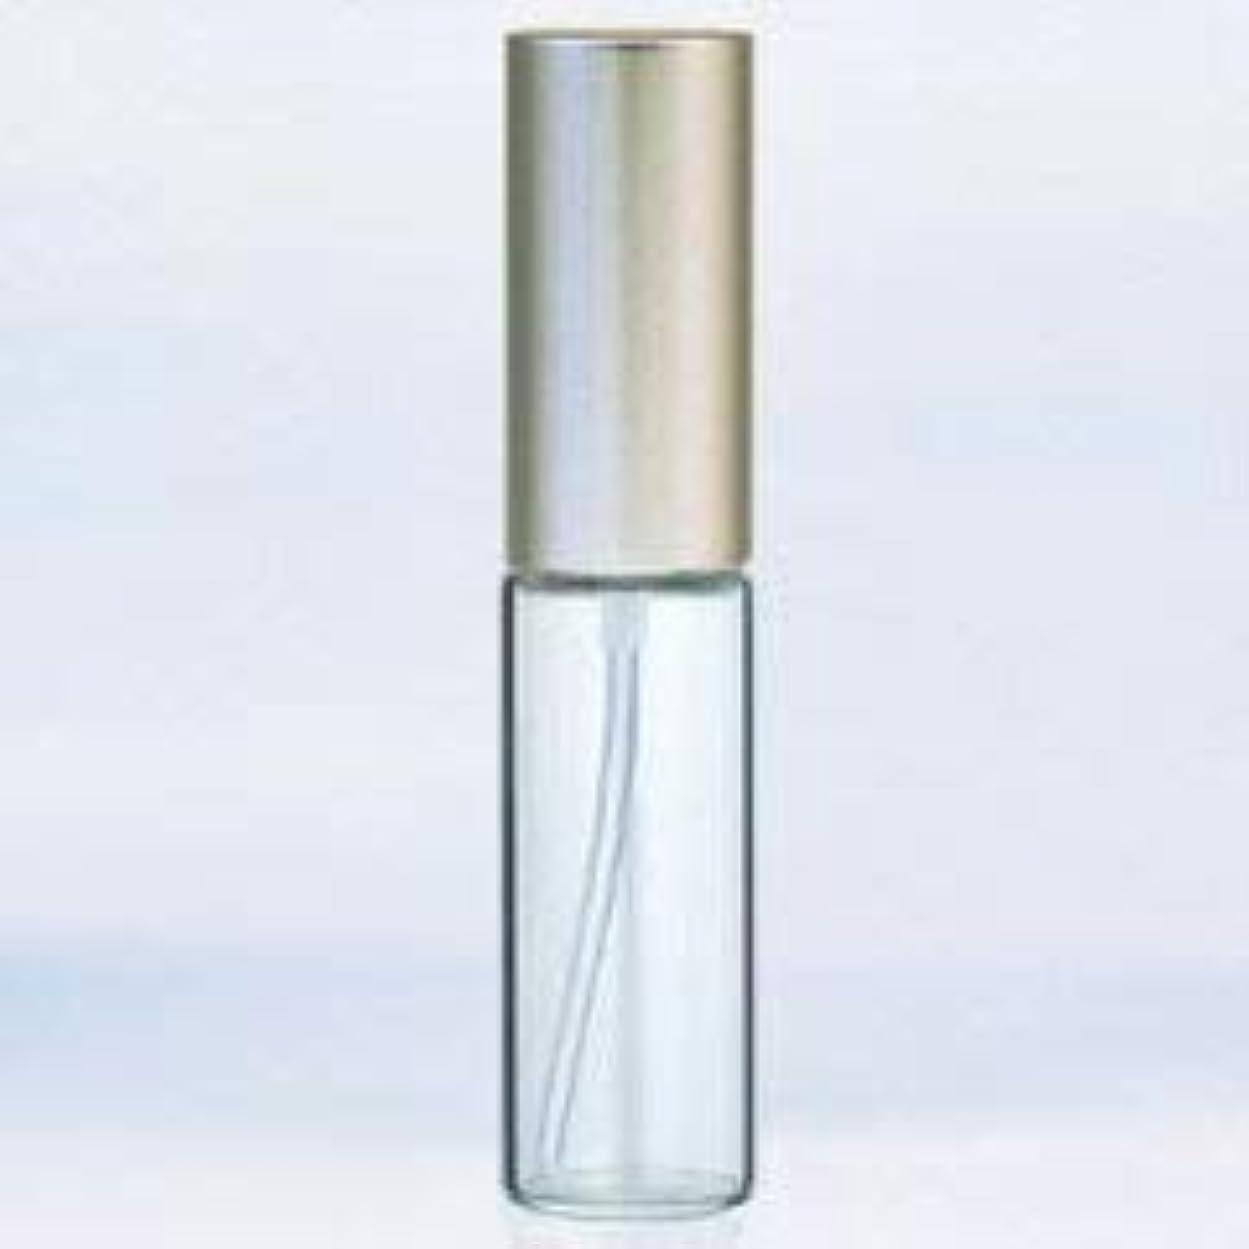 ステレオタイプスロット気味の悪い【ヤマダアトマイザー】グラスアトマイザー プラスチックポンプ 無地 アルミキャップ シルバーつや消し 10ml 6204